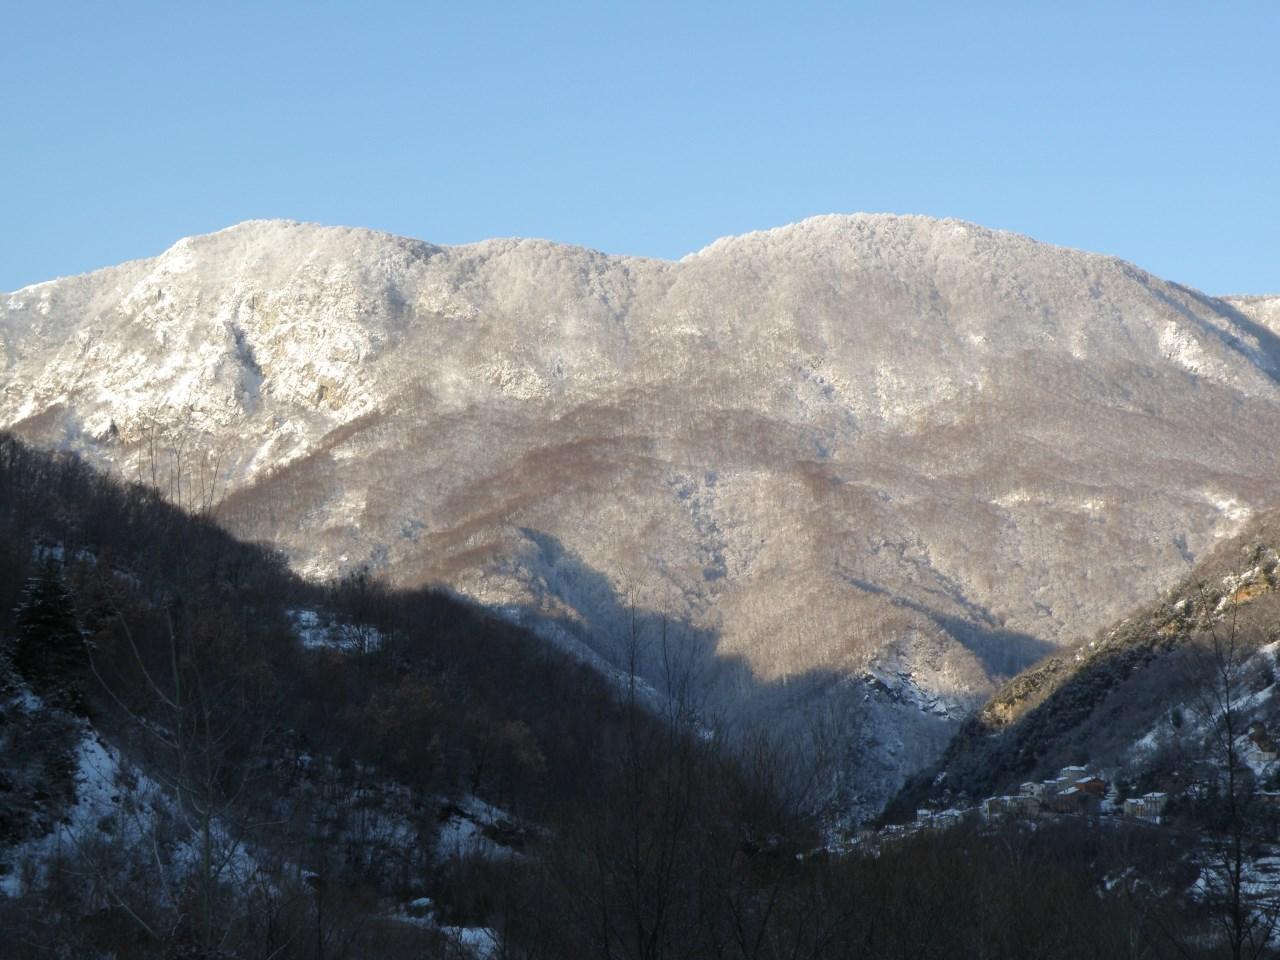 immagine_riserva-naturale-monti-navegna-e-cervia_aree-naturali-protette